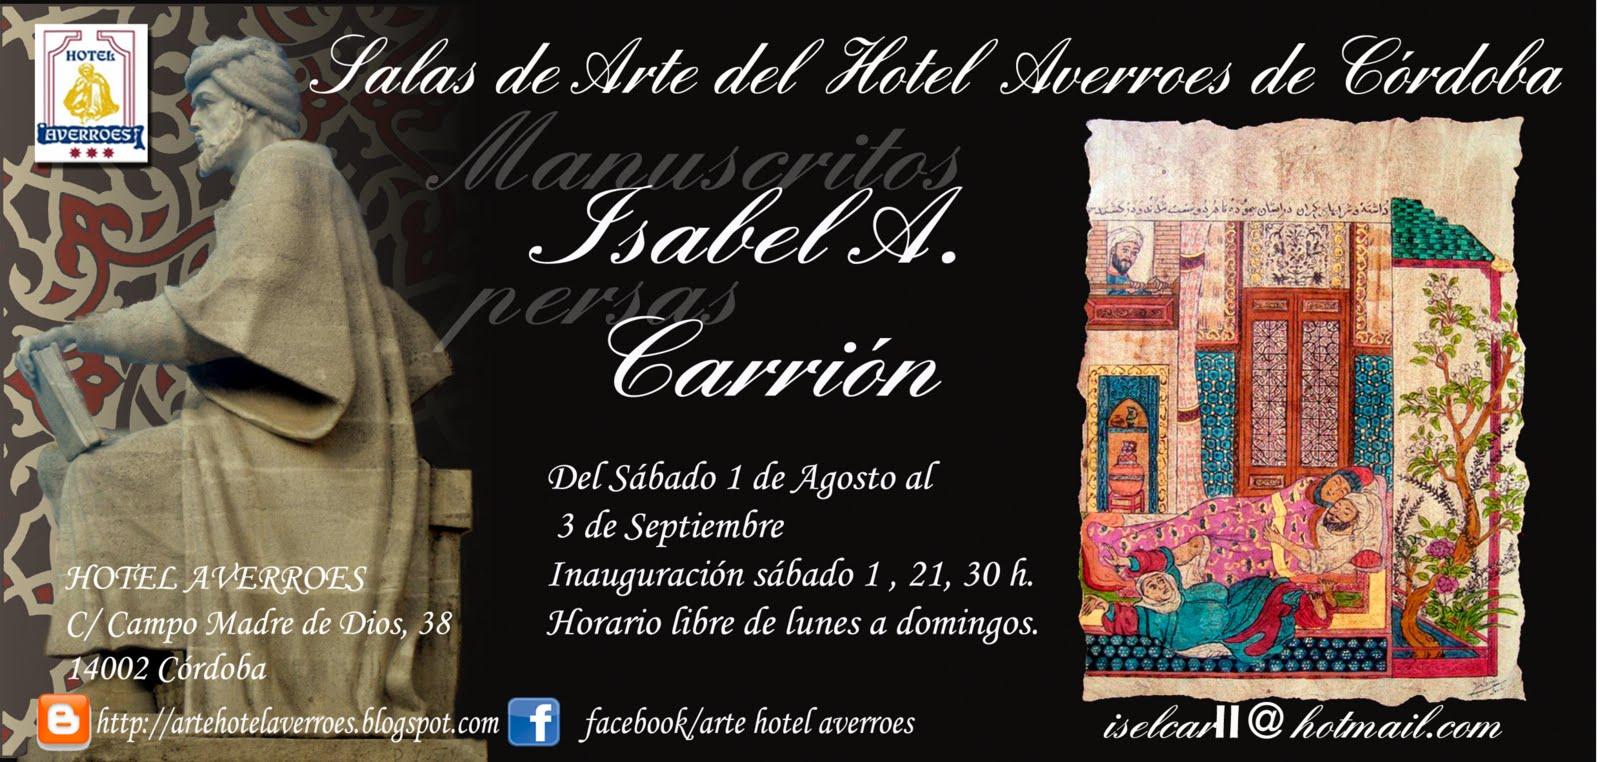 Exposición de manuscritos persas de Isabel A. Carrión.